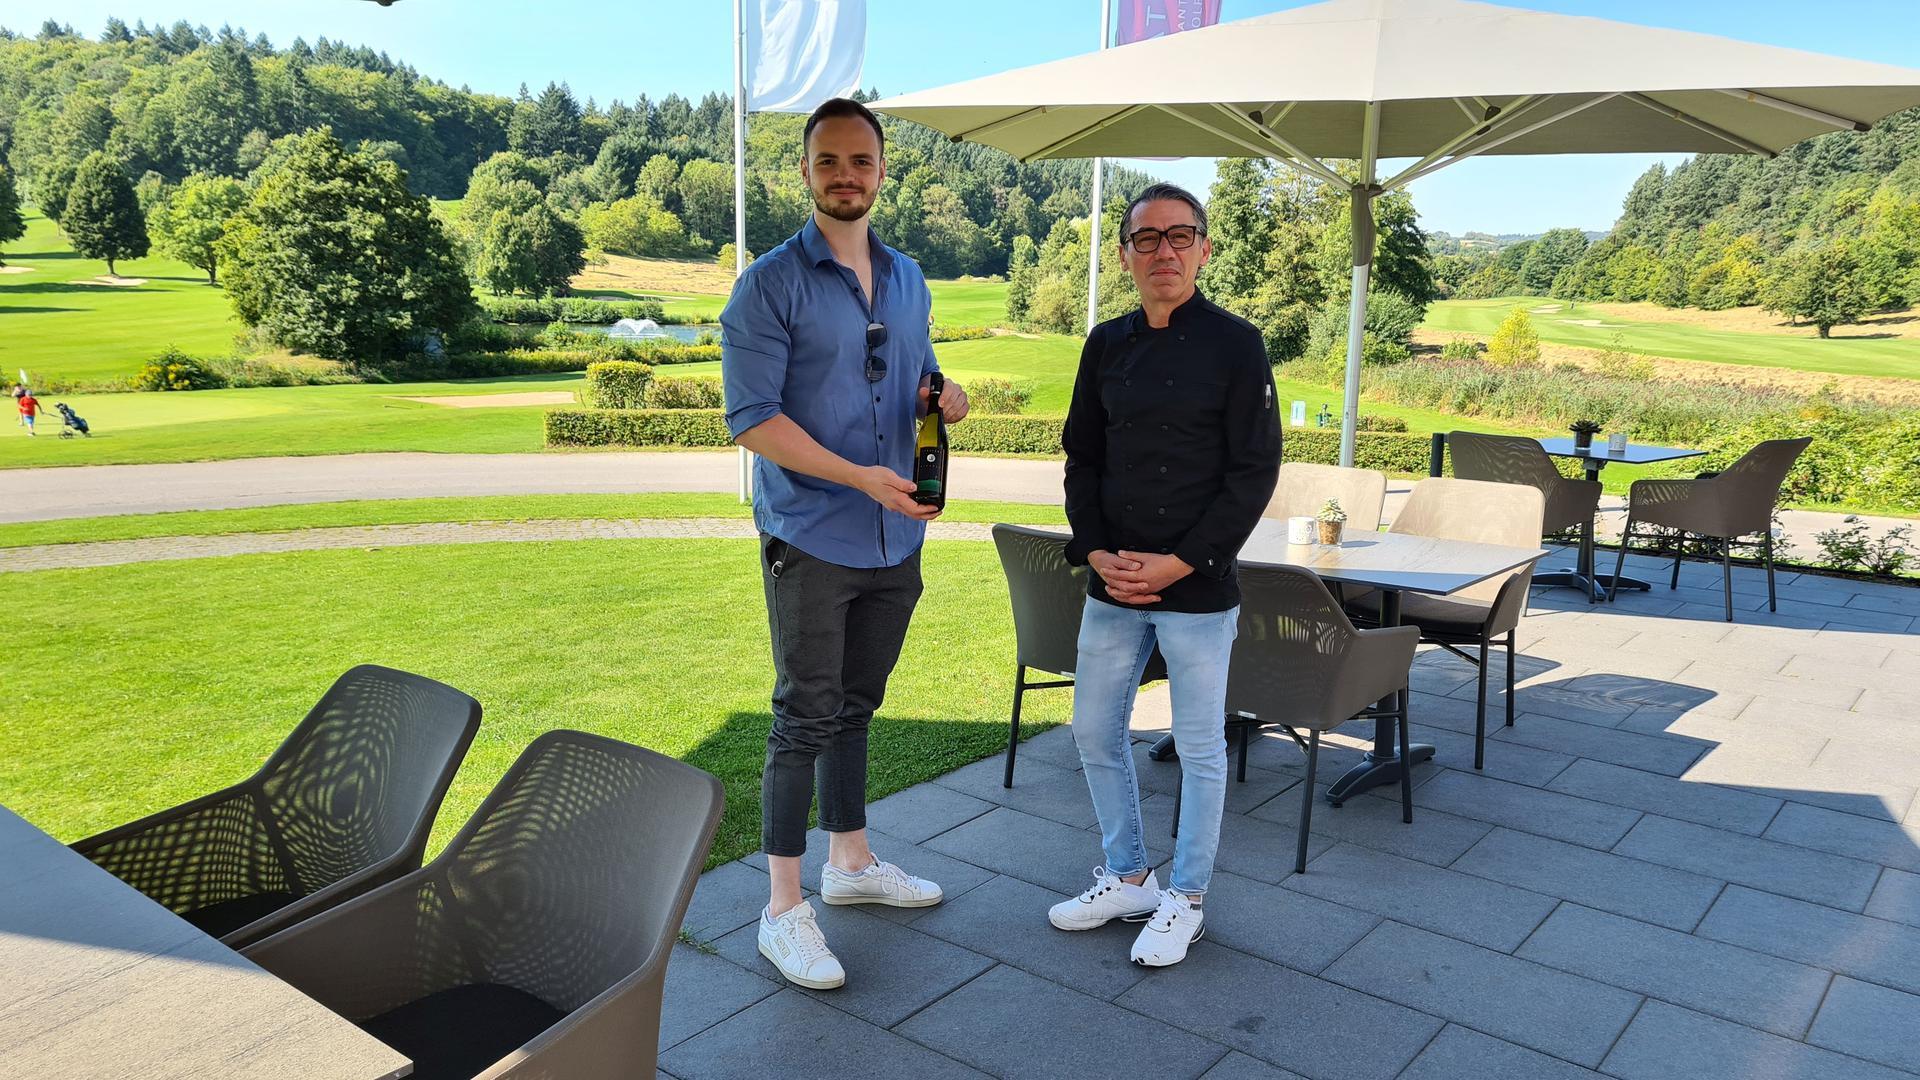 """Ein Wein mit Seltenheitswert: Philip Jacklin (links) und Küchenchef Guiseppe Peluso auf der Terrasse des Restaurants """"Albatros"""" auf dem Golfplatz in Tiefenbach. Das Resort baut einen eigenen Wein mit dem Namen Albatros aus. Von ihm gibt es nur 1.500 Flaschen pro Jahr."""